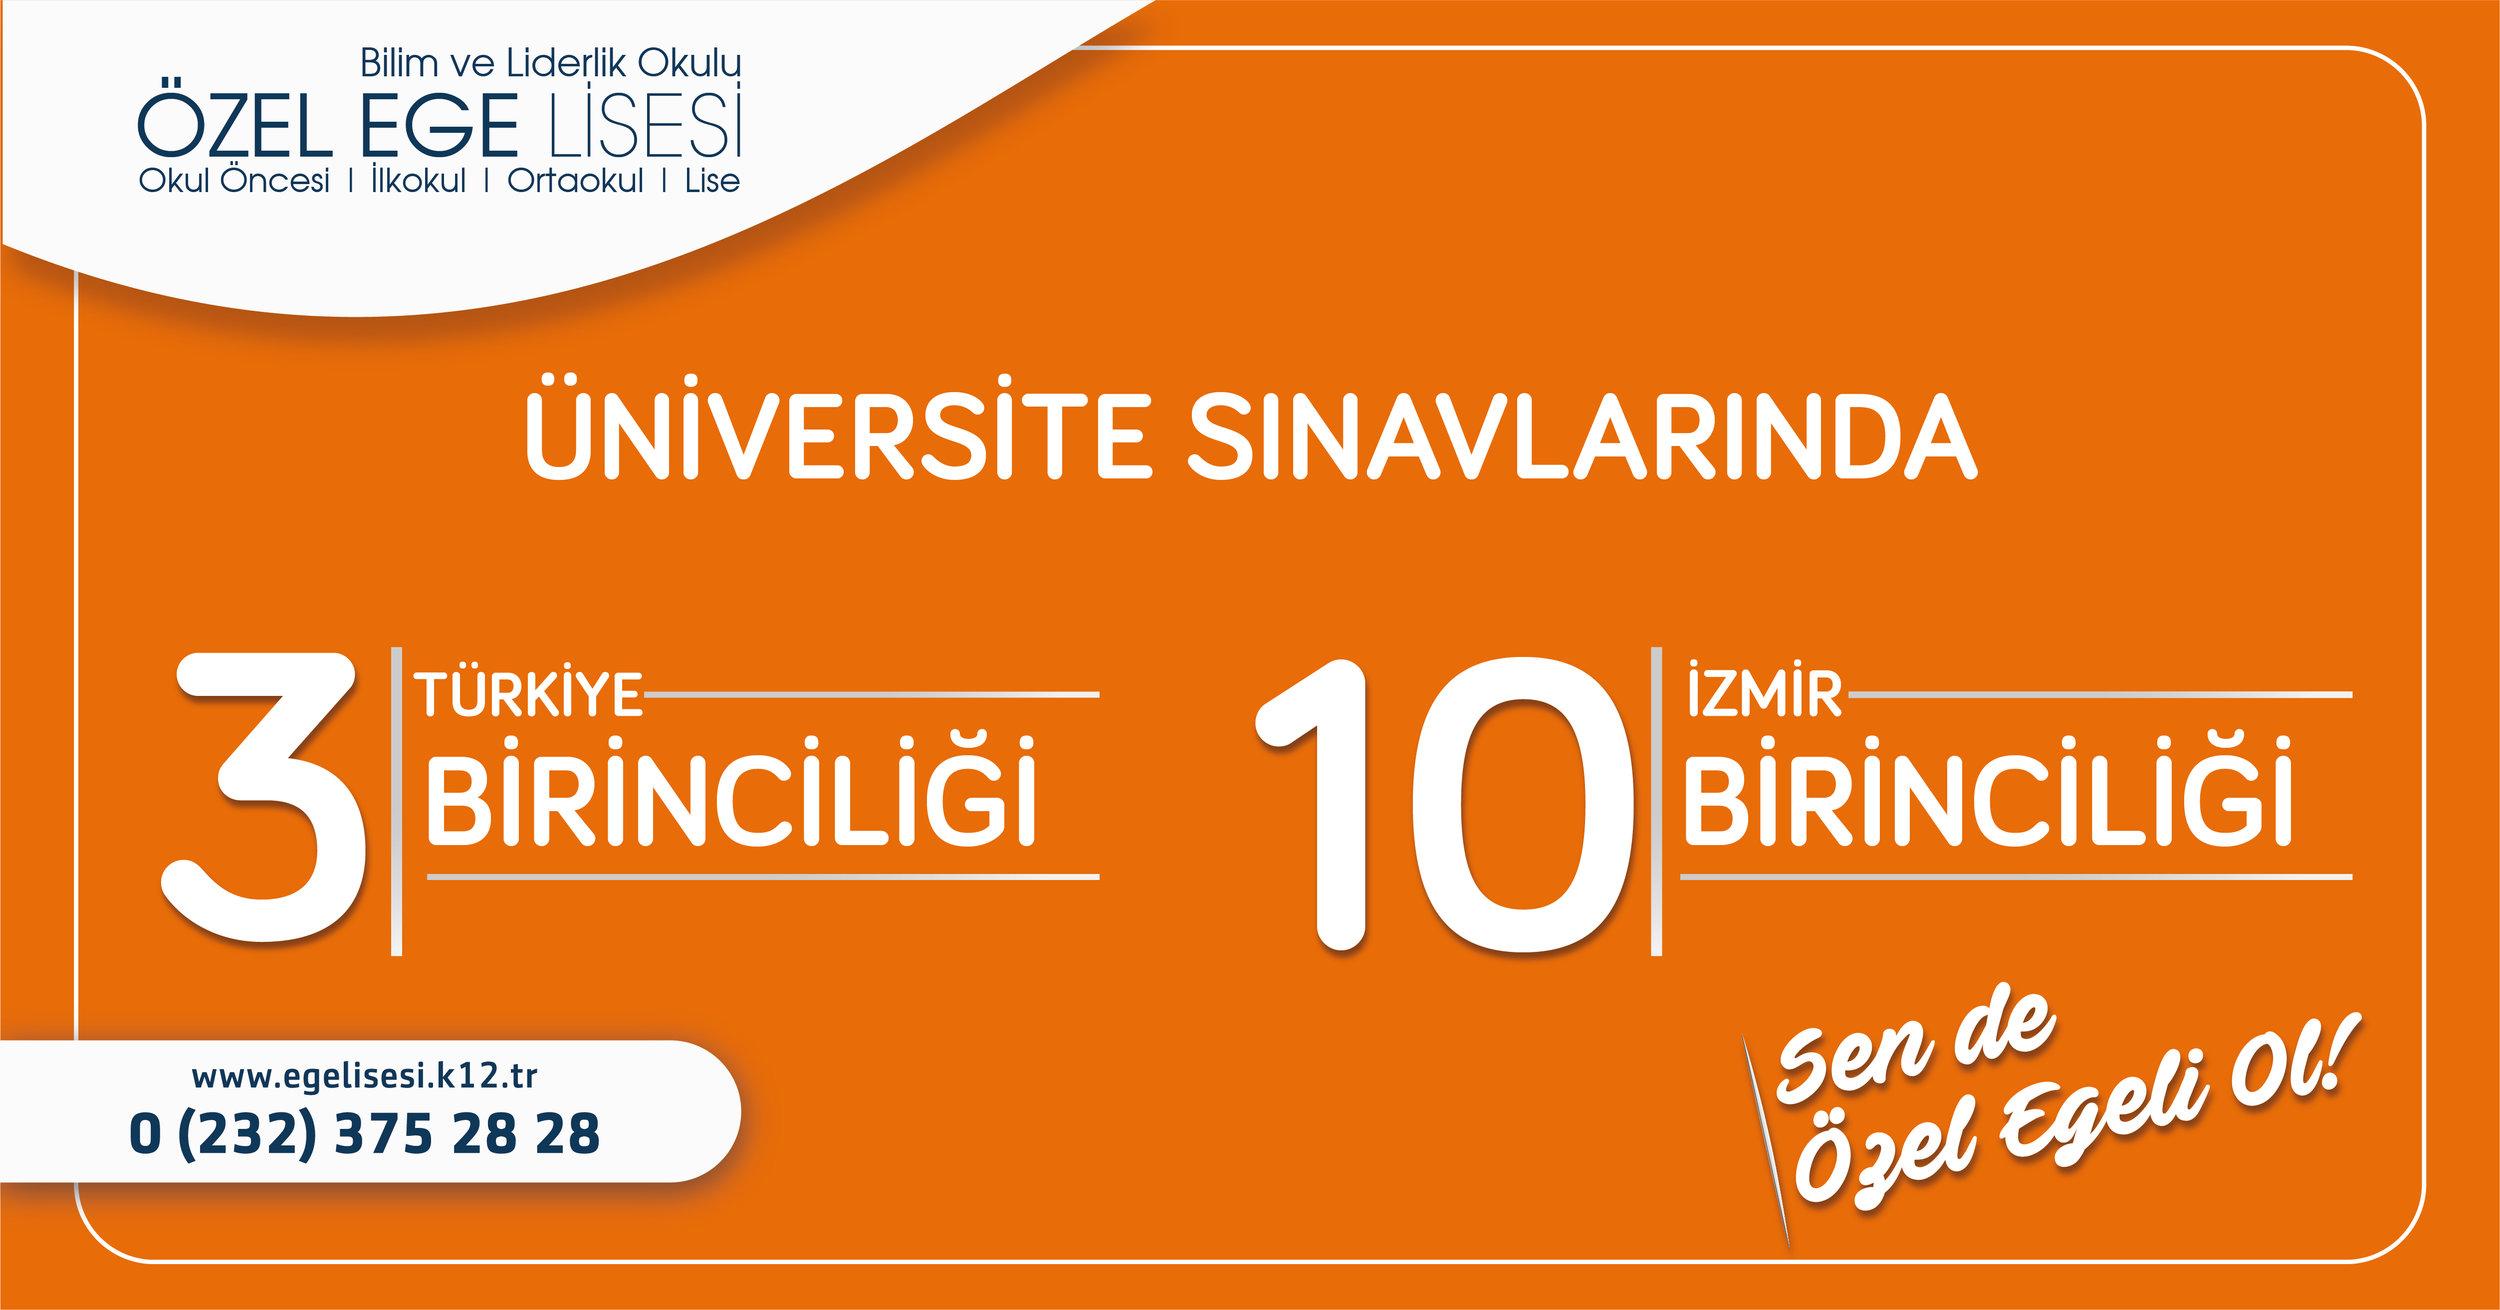 2019-2020 REKLAM ÇALIŞMALARI-17 2.jpg